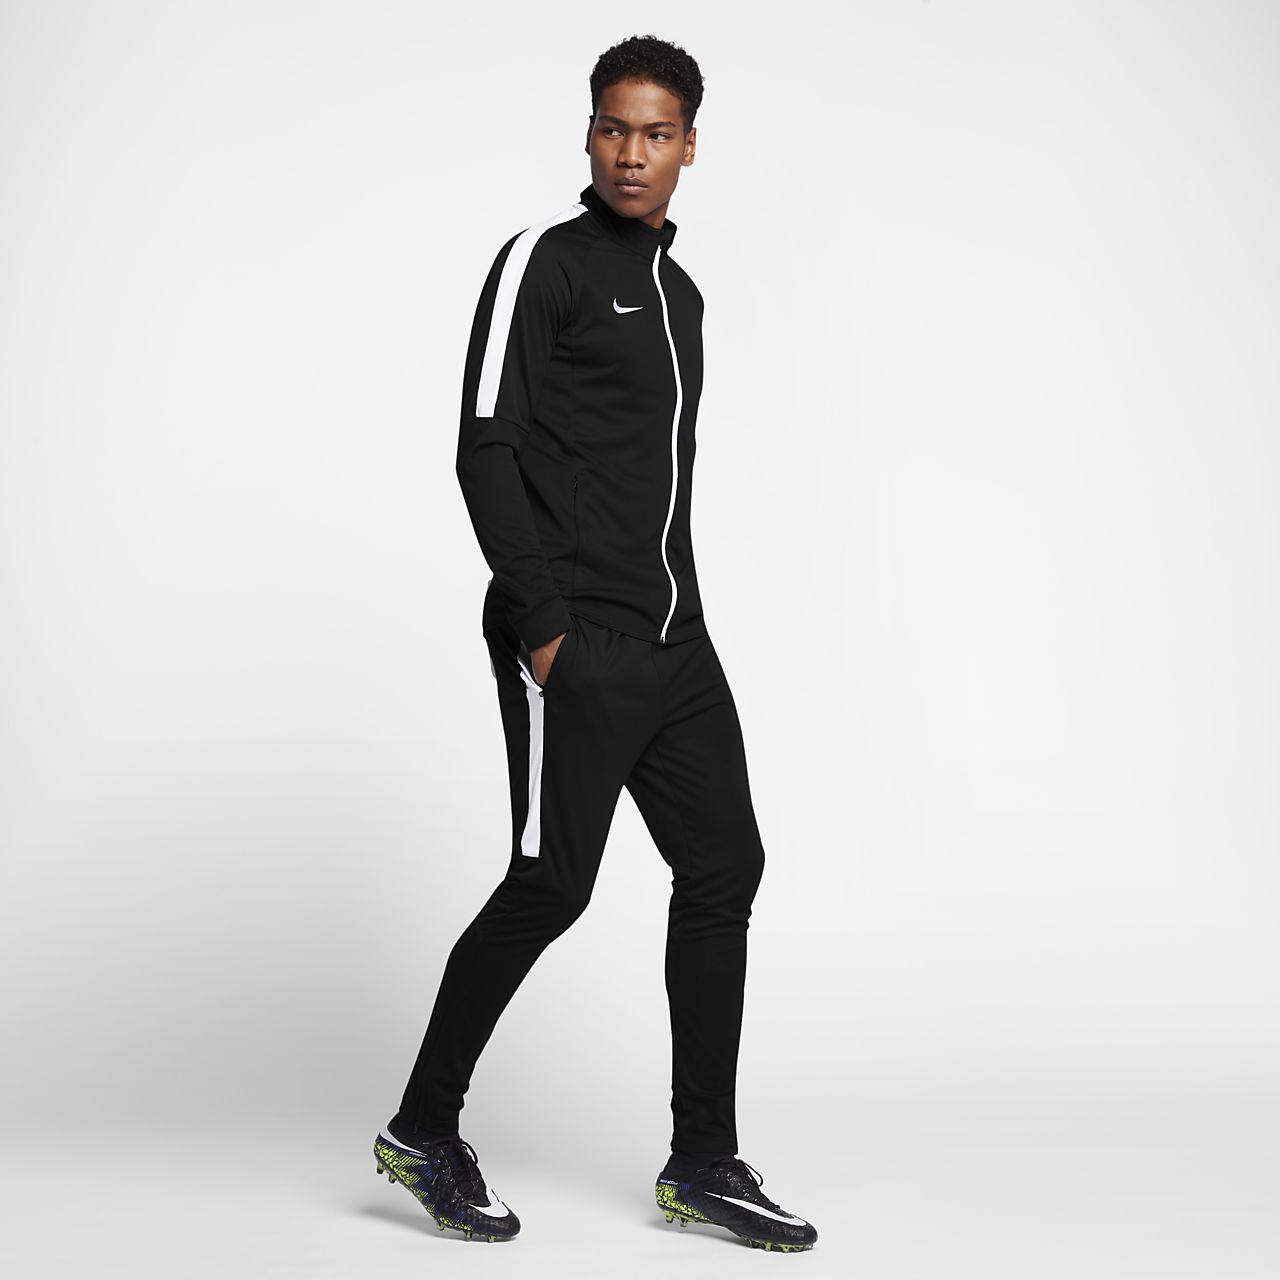 Tuta sportiva da calcio Nike Dri-FIT - Uomo